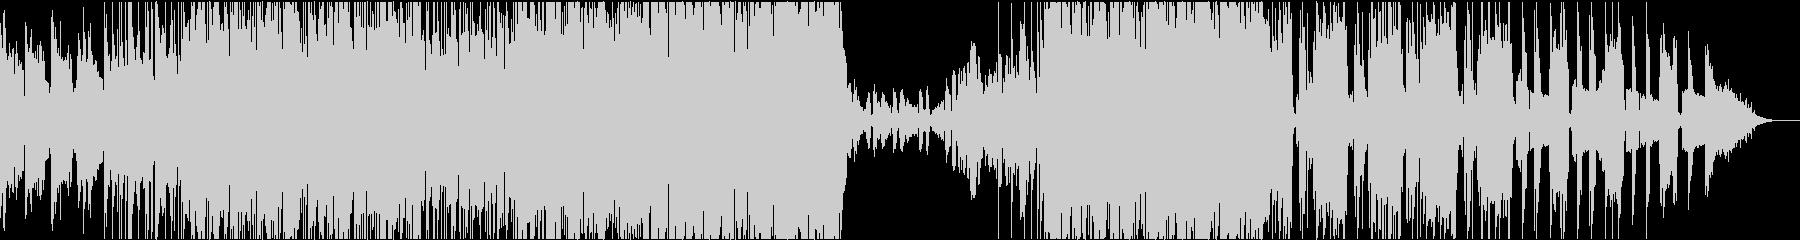 エレピとシンセが掛け合うサイケ・ポップの未再生の波形